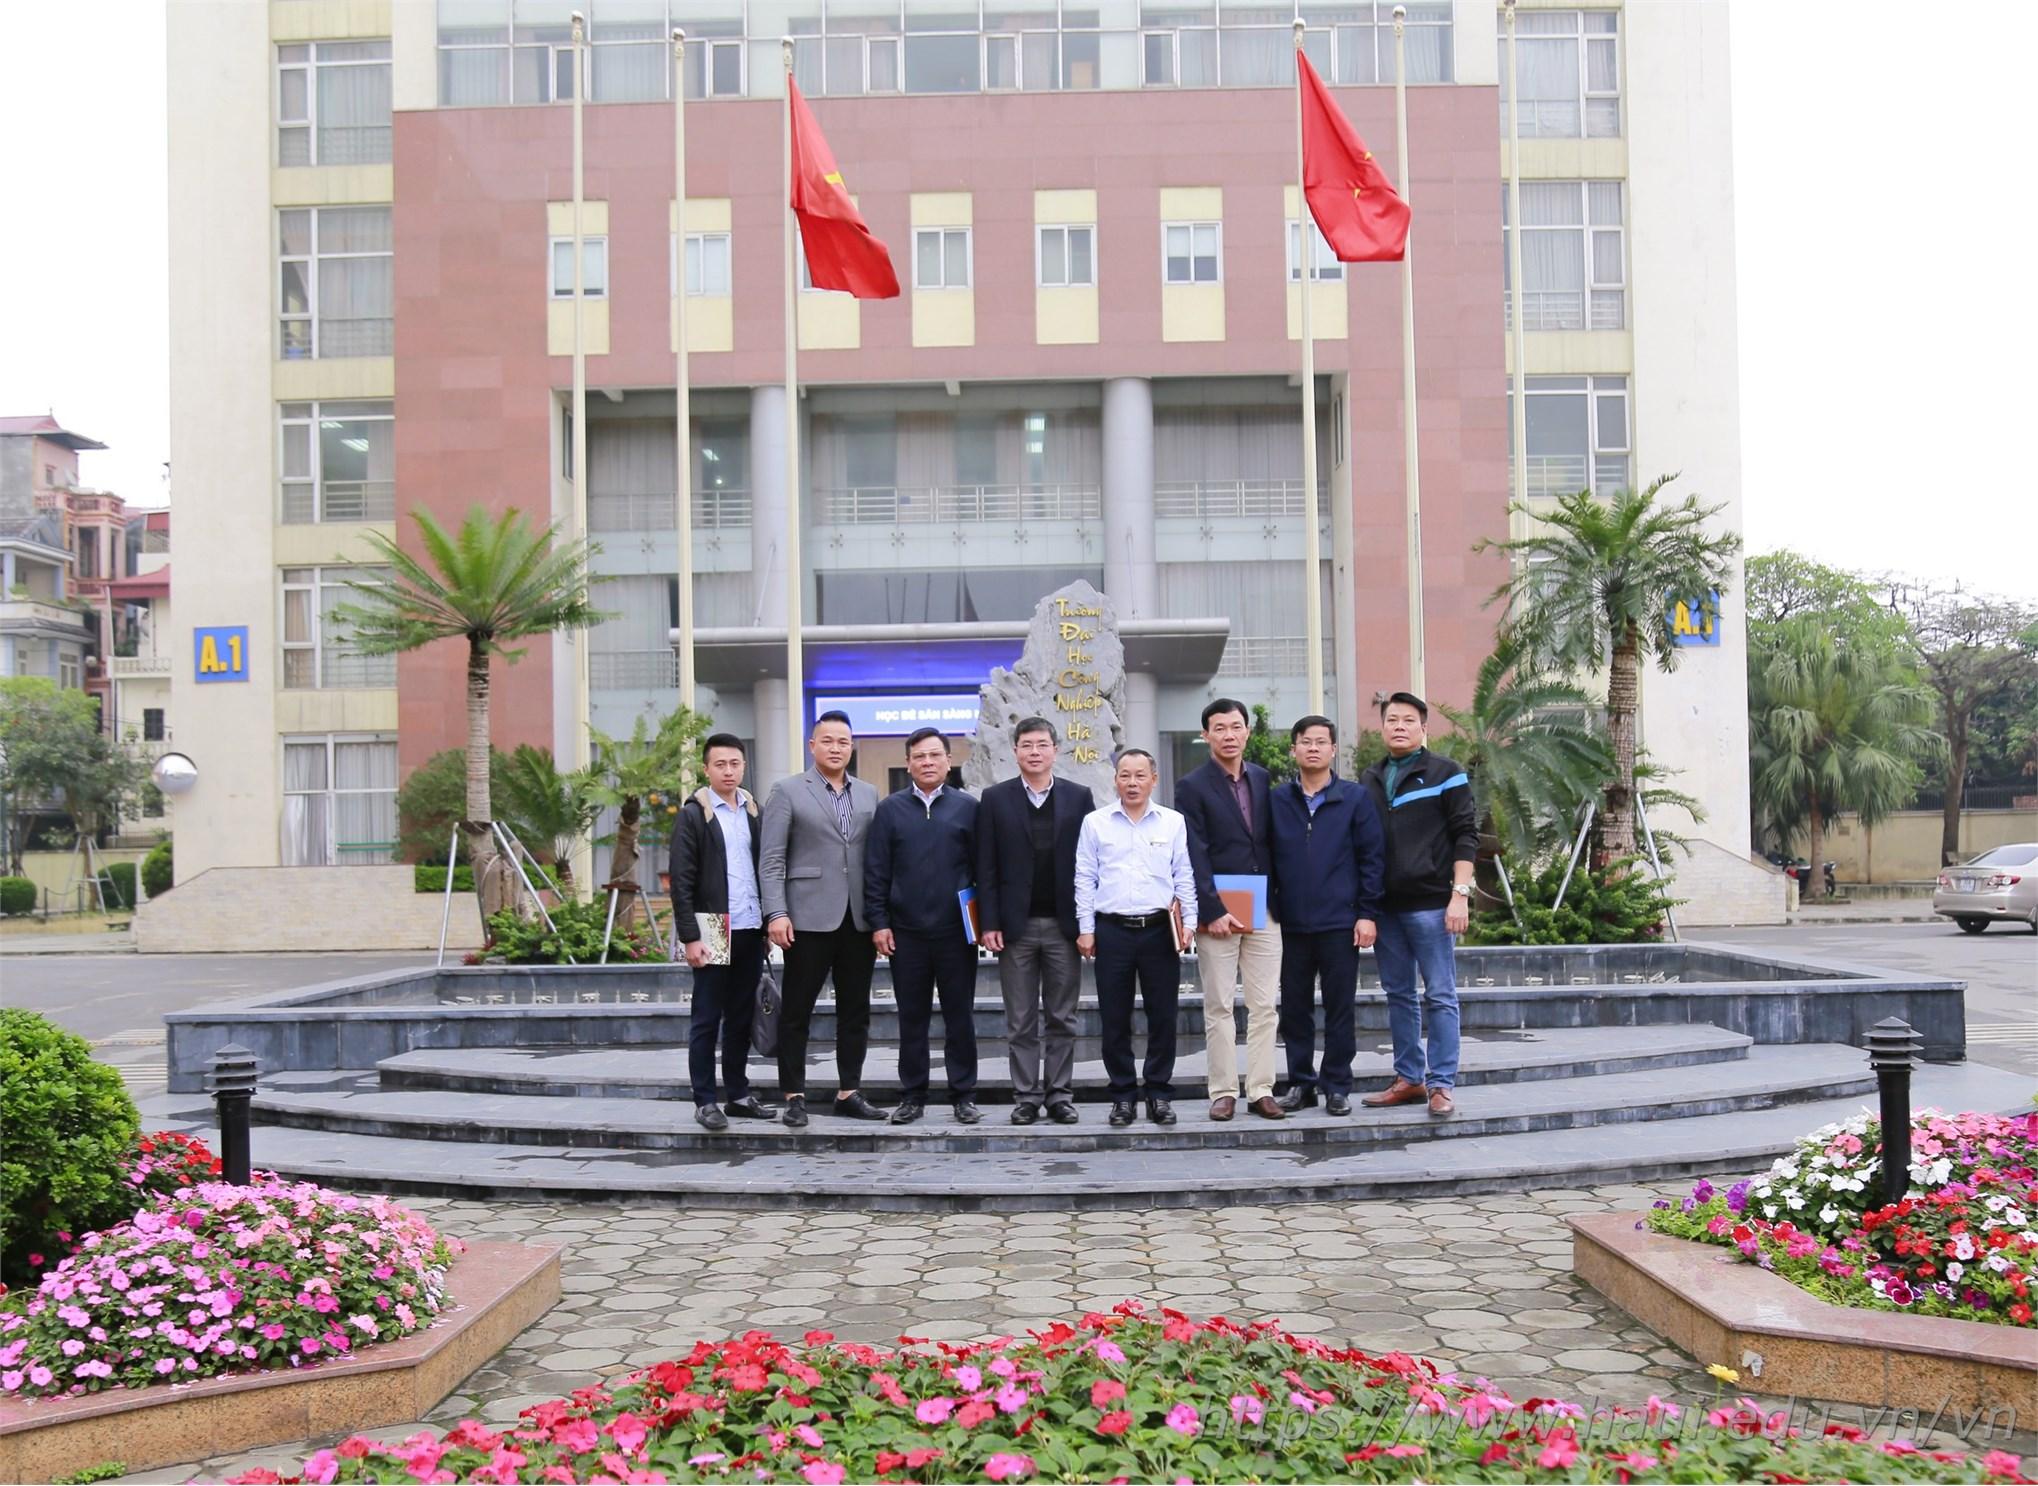 Đoàn cán bộ Học viện Chính sách và Phát triển thăm và làm việc tại Đại học Công nghiệp Hà Nội